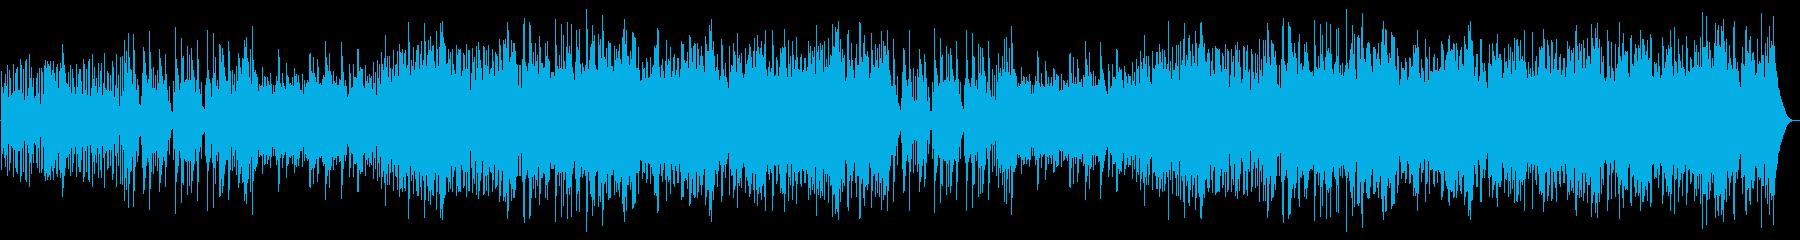 エネルギッシュな太鼓、ティンパニ、...の再生済みの波形